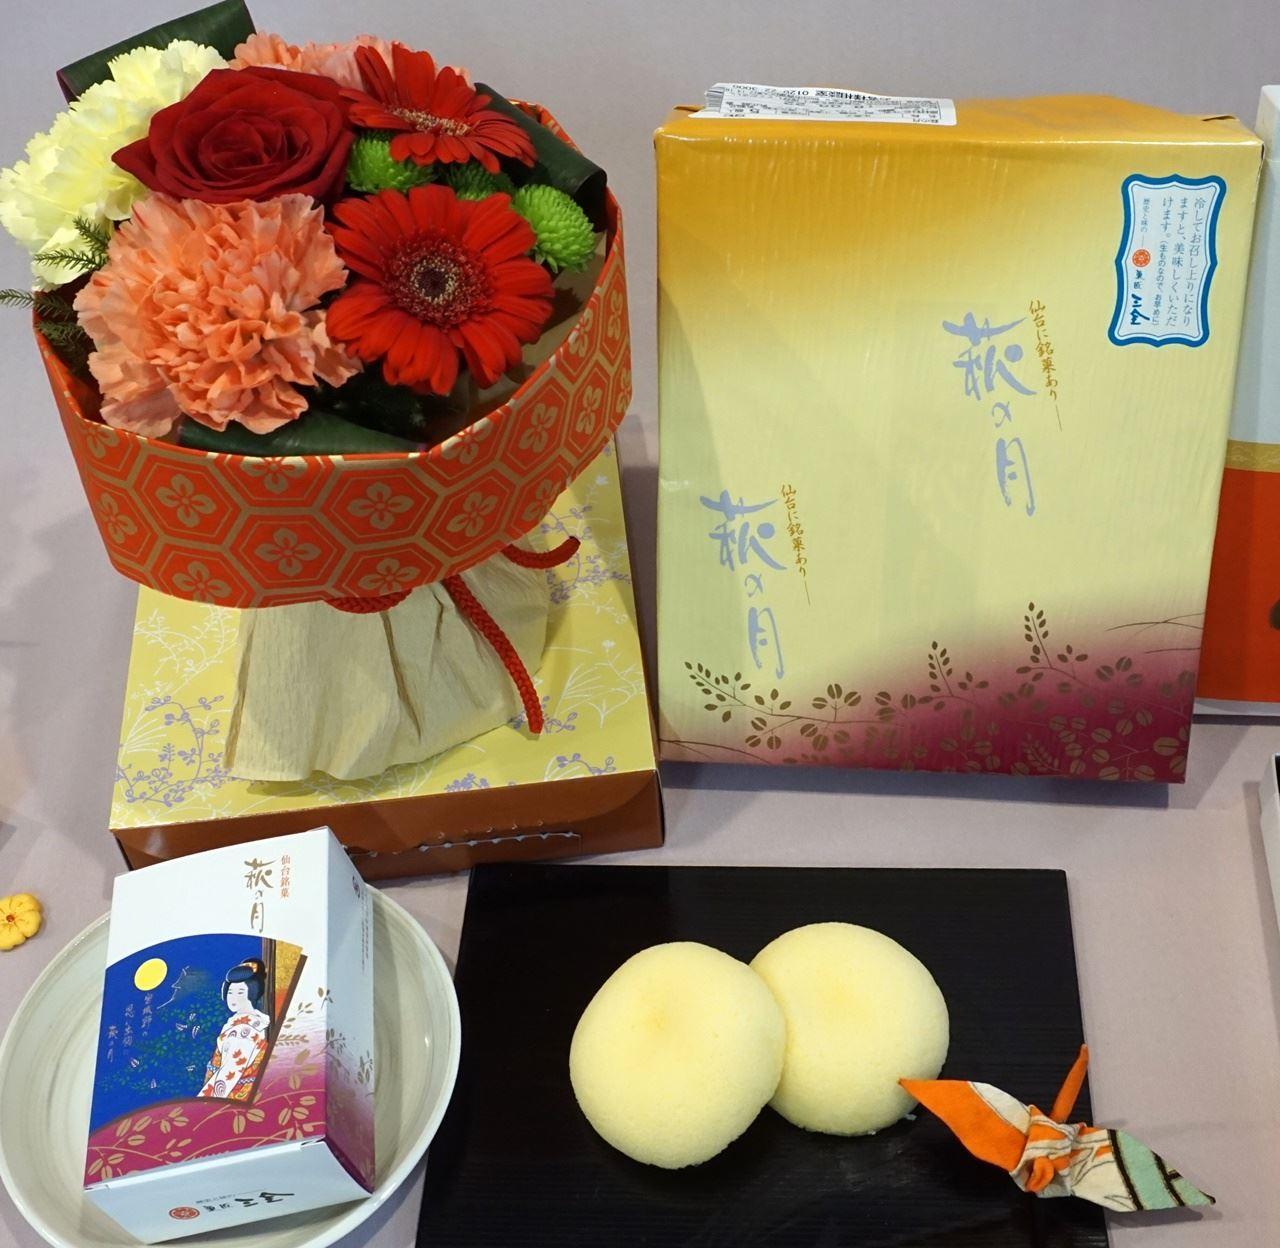 【日比谷花壇】敬老の日 菓匠 三全「萩の月」とそのまま飾れるブーケのセット